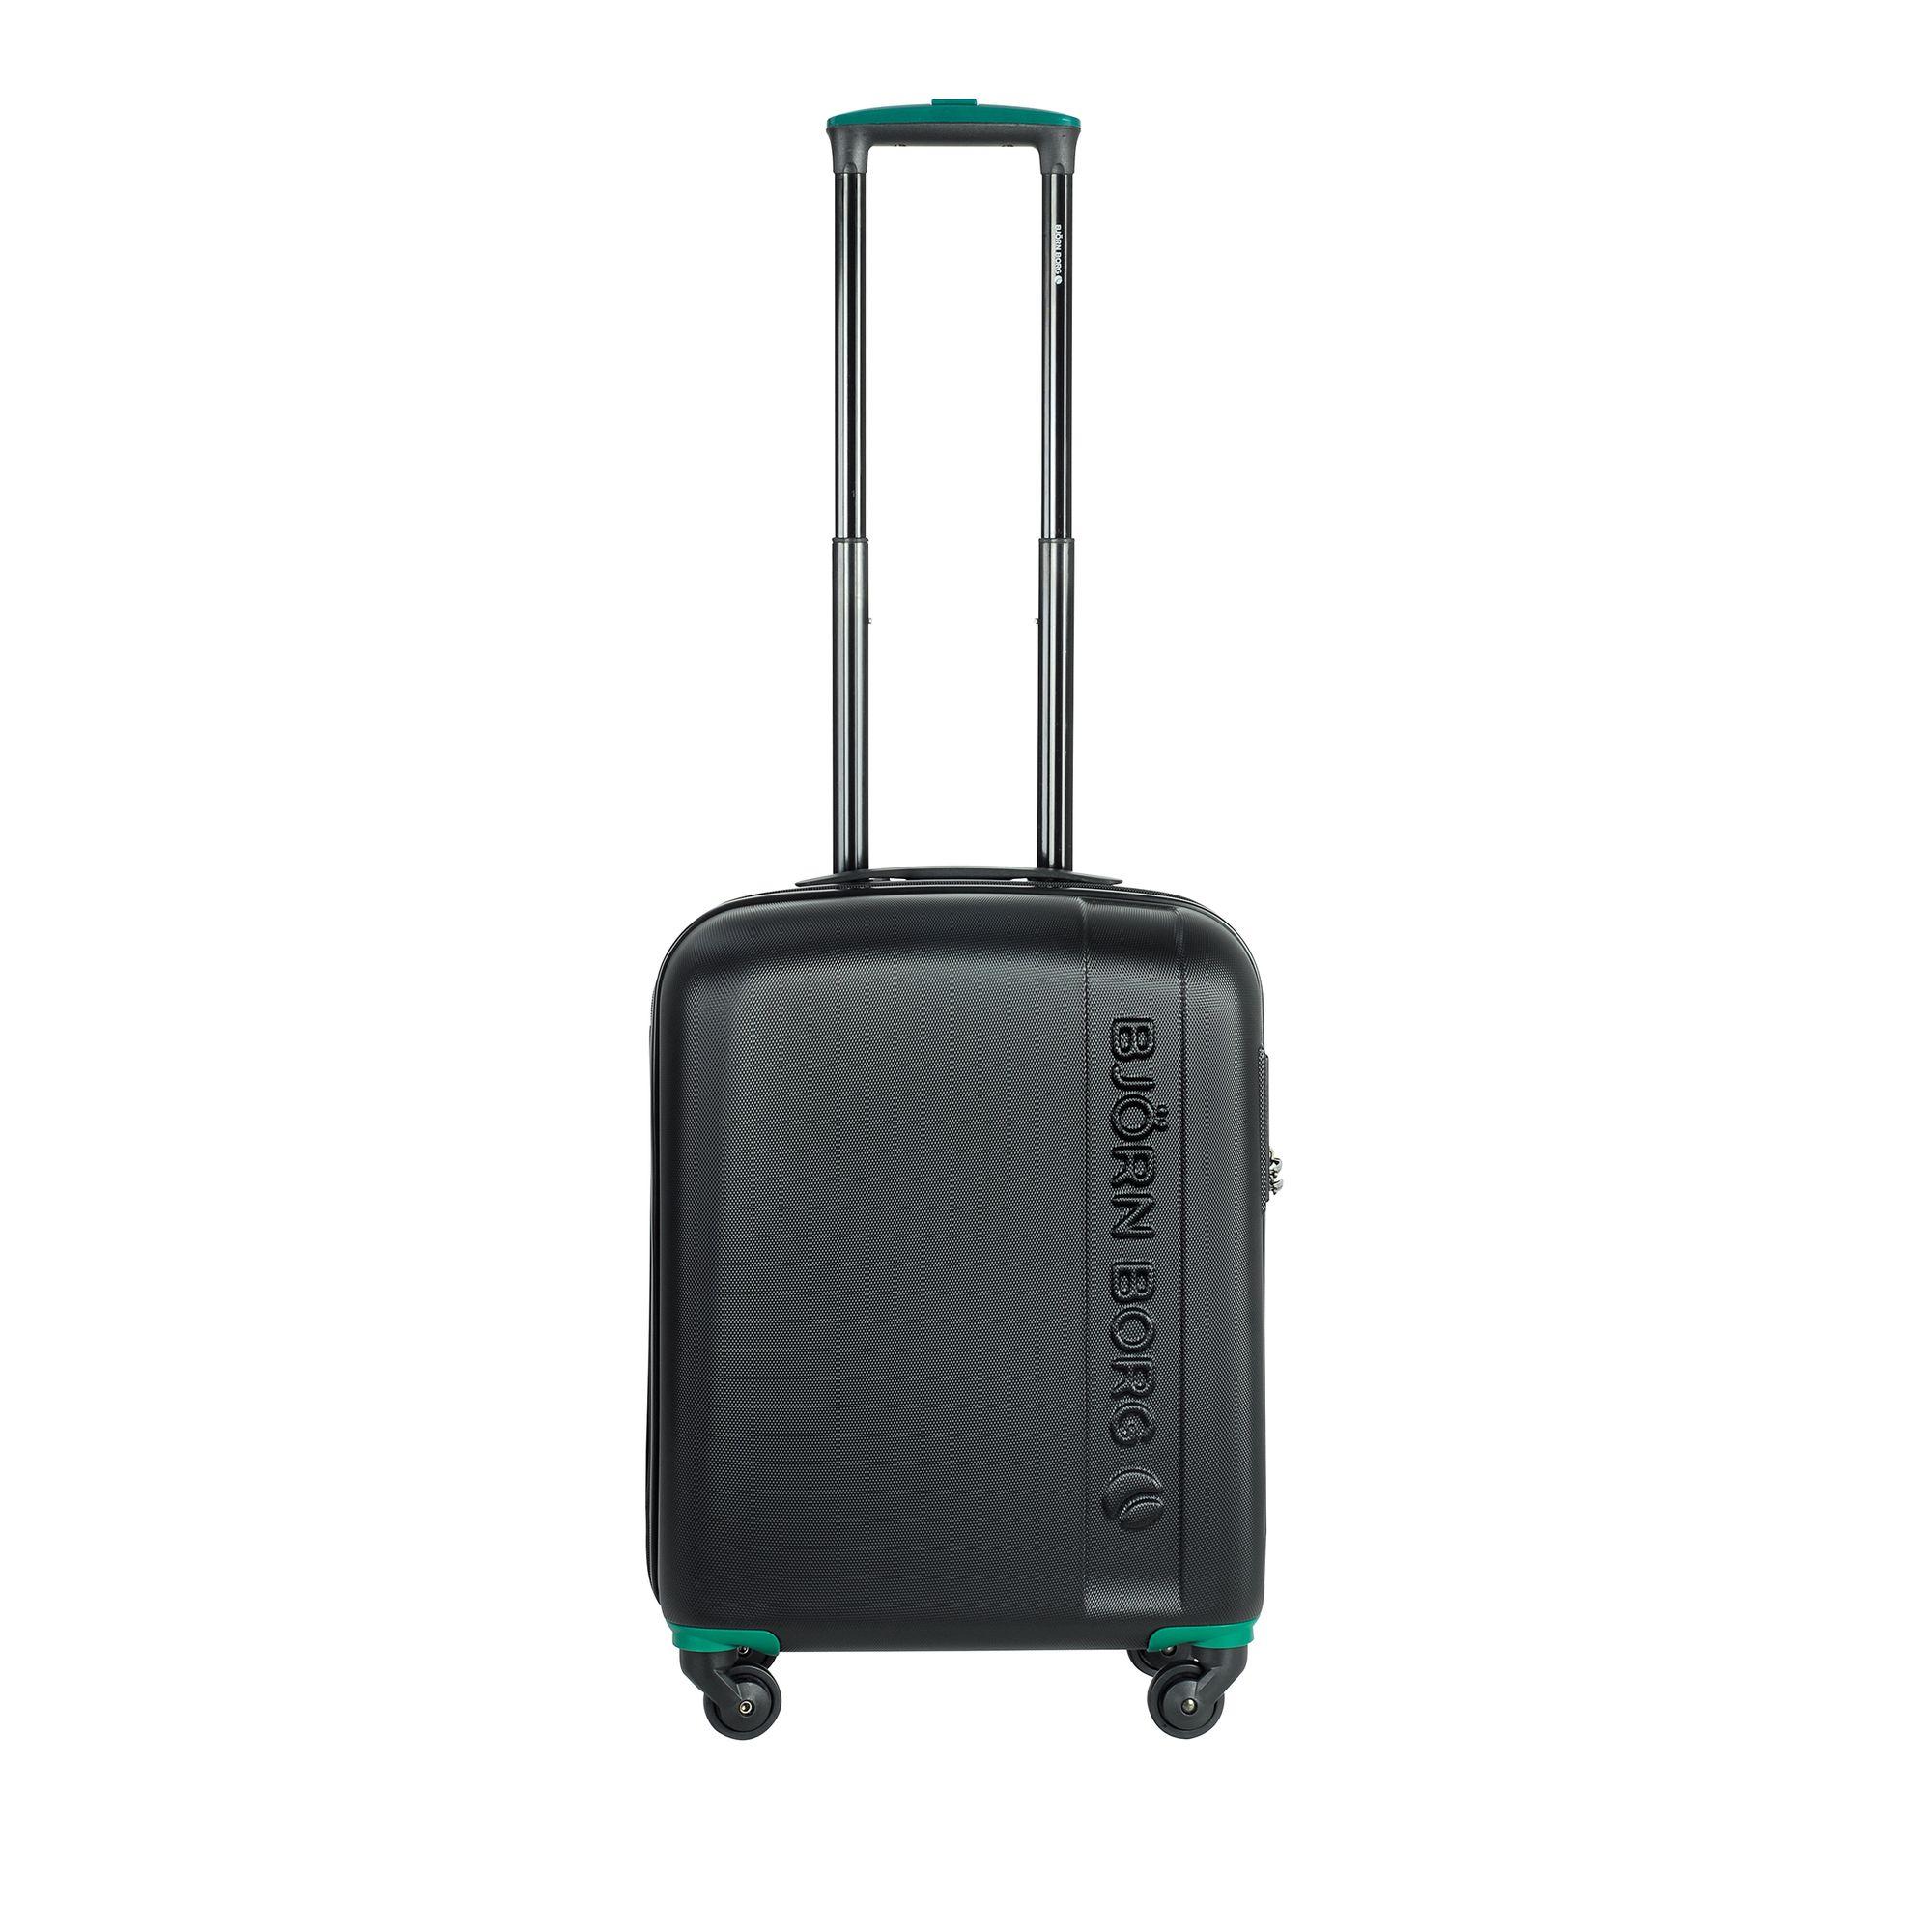 Björn Borg Hot Solid resväska, 4 hjul, 55/65/78 cm, Svart, 55cm